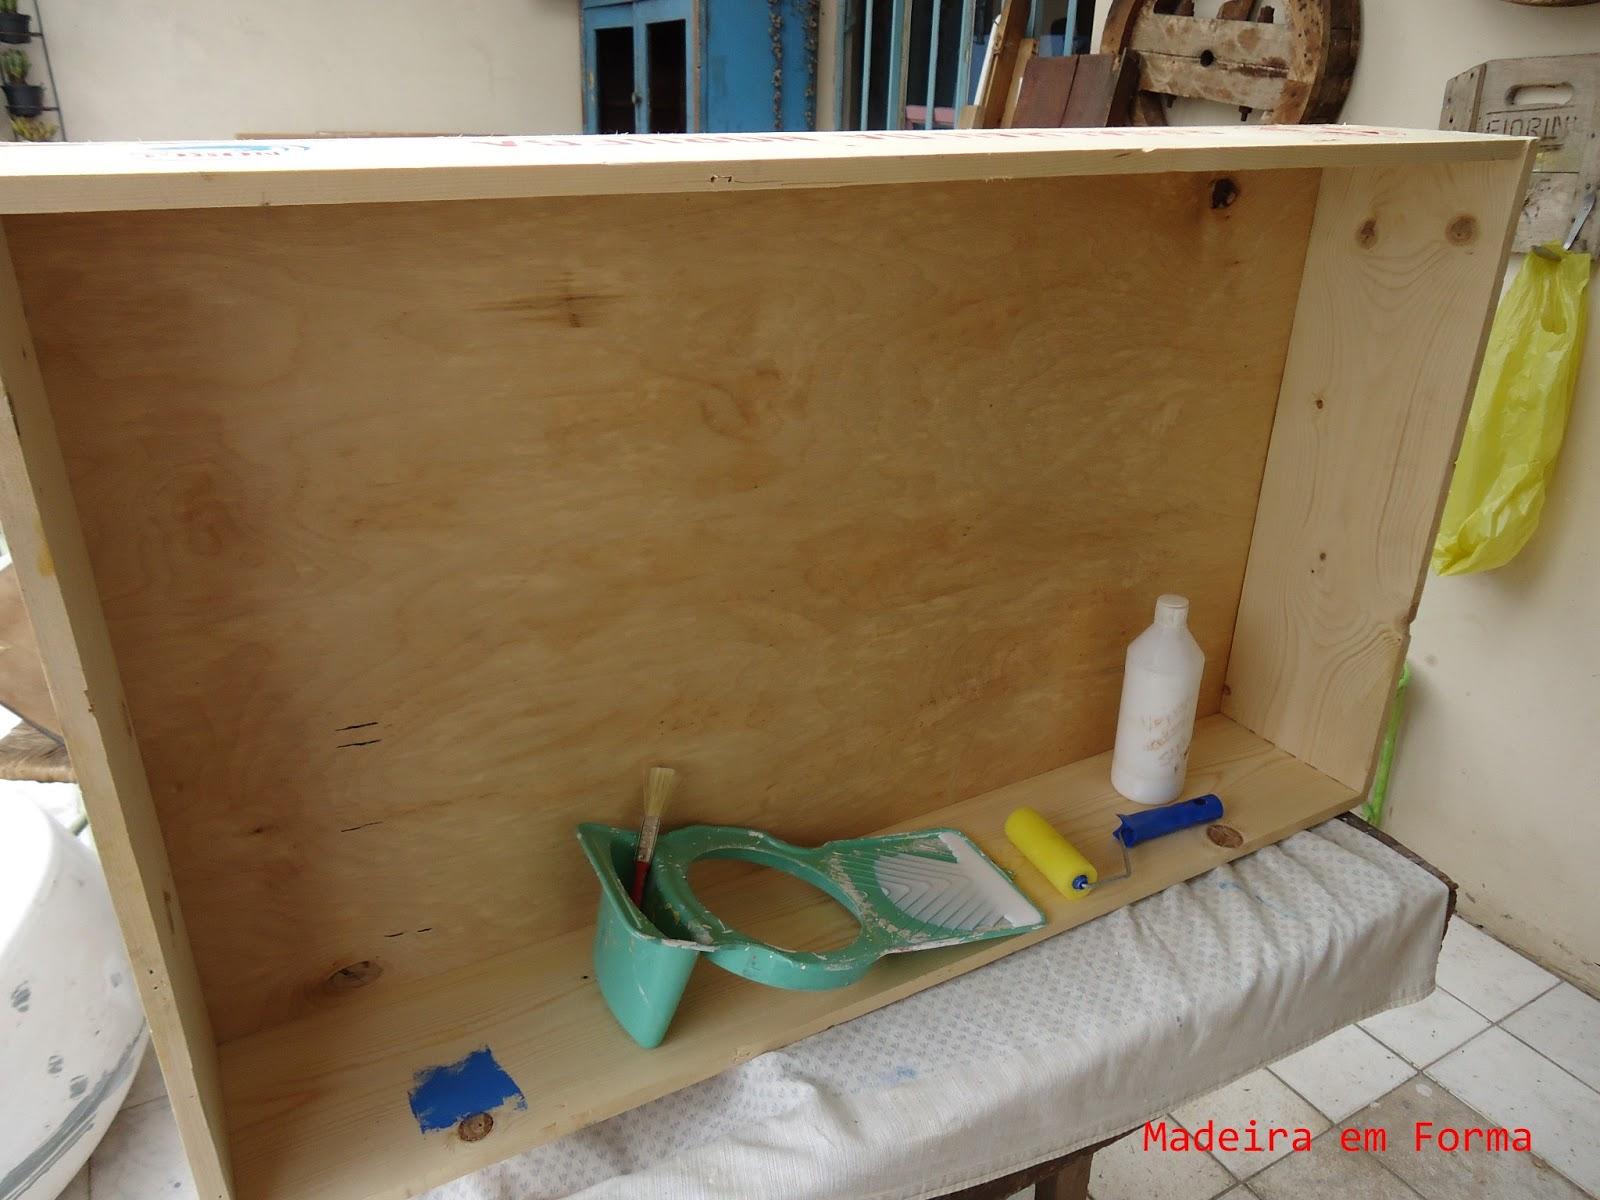 de Móveis de Época : O que fazer com uma caixa de bacalhau #1F3C67 1600x1200